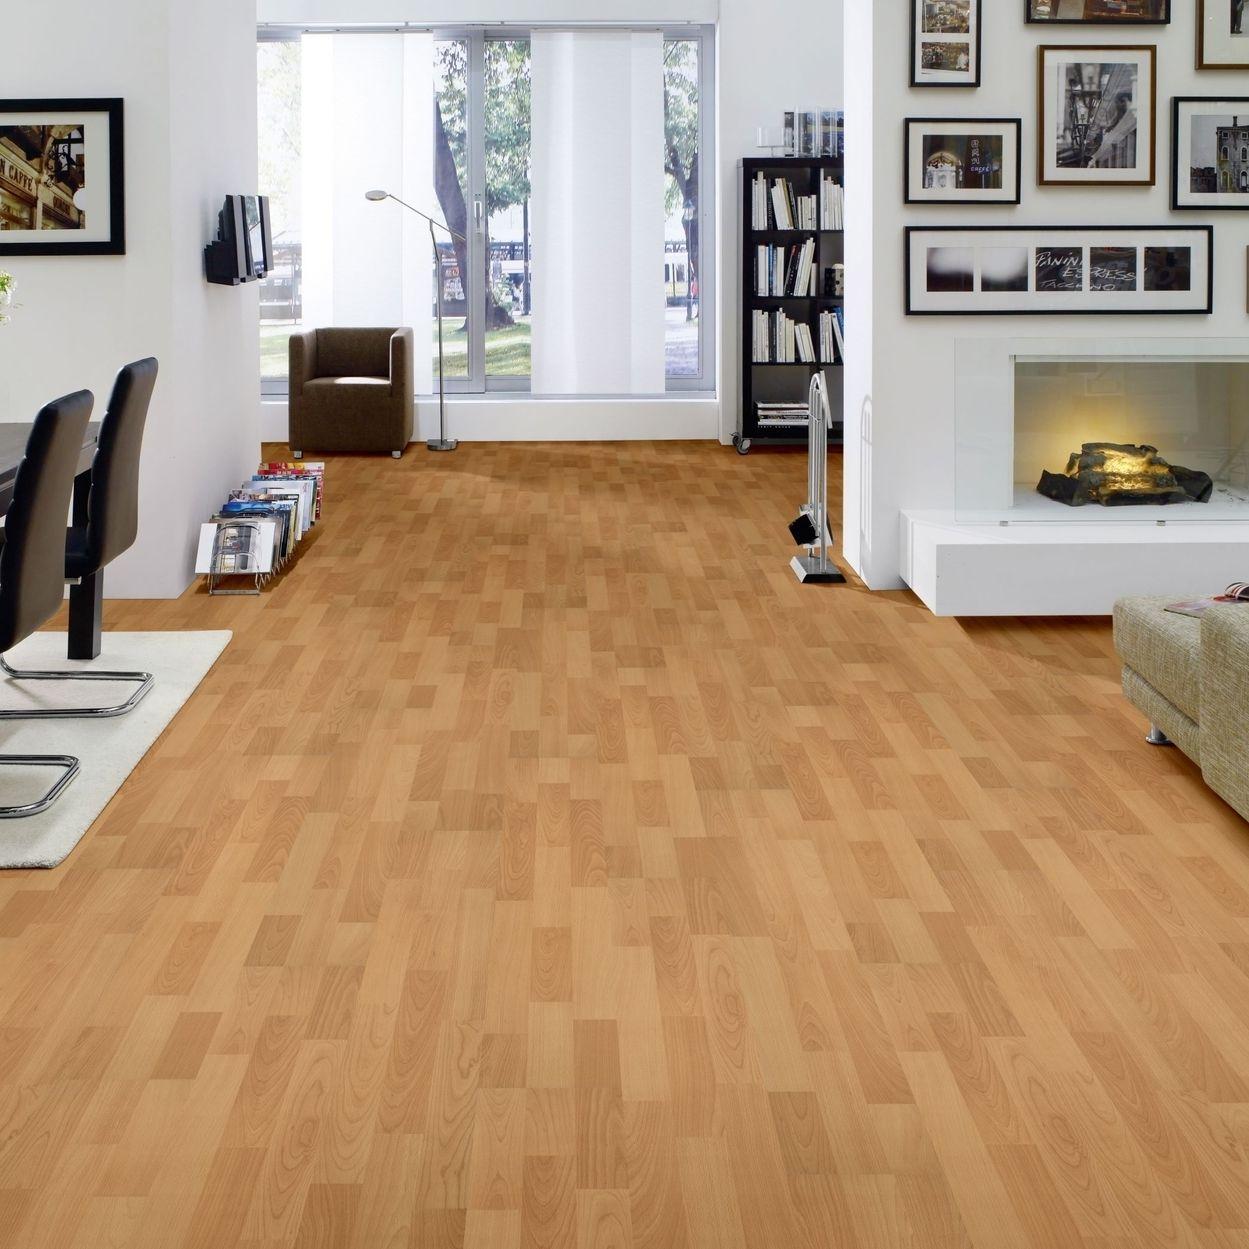 hori klick laminat selection buche trend schiffsboden optional d mmung leisten ebay. Black Bedroom Furniture Sets. Home Design Ideas